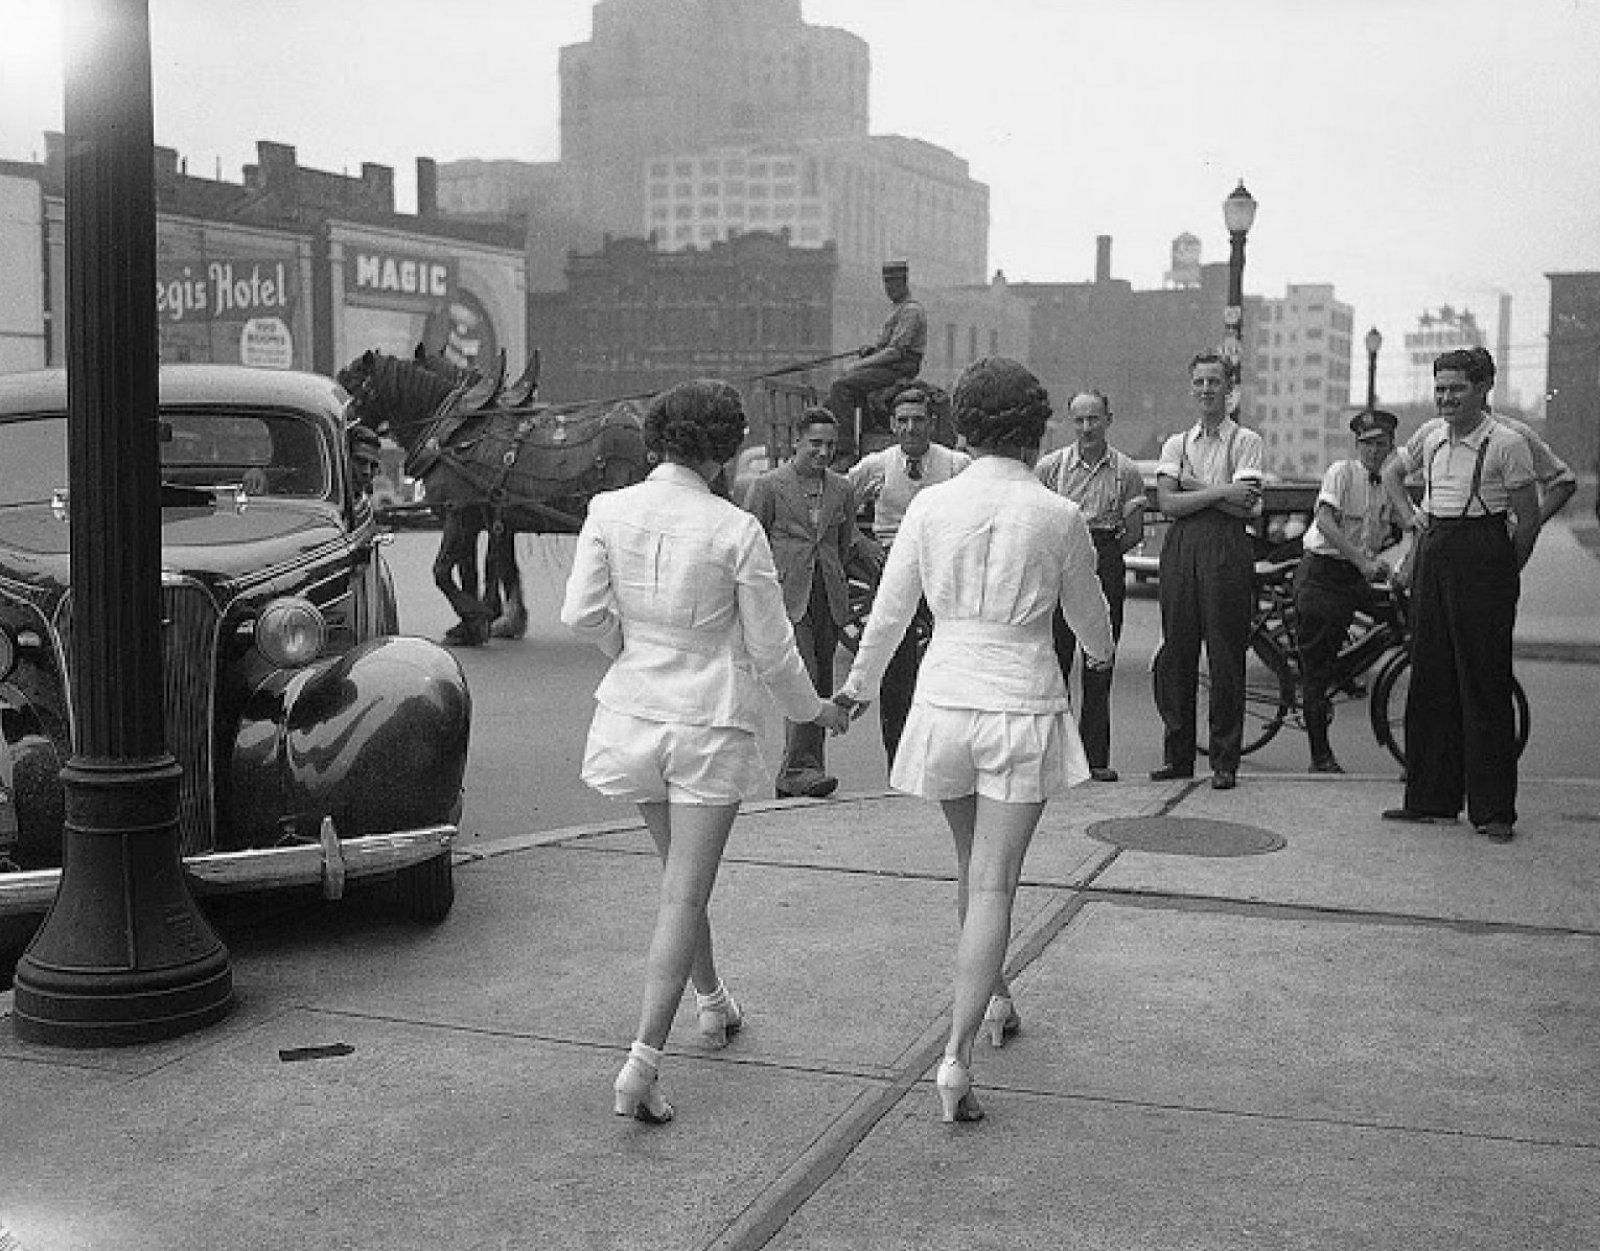 Primeras mujeres en mostrar piernas descubiertas públicamente en Toronto en 1937.